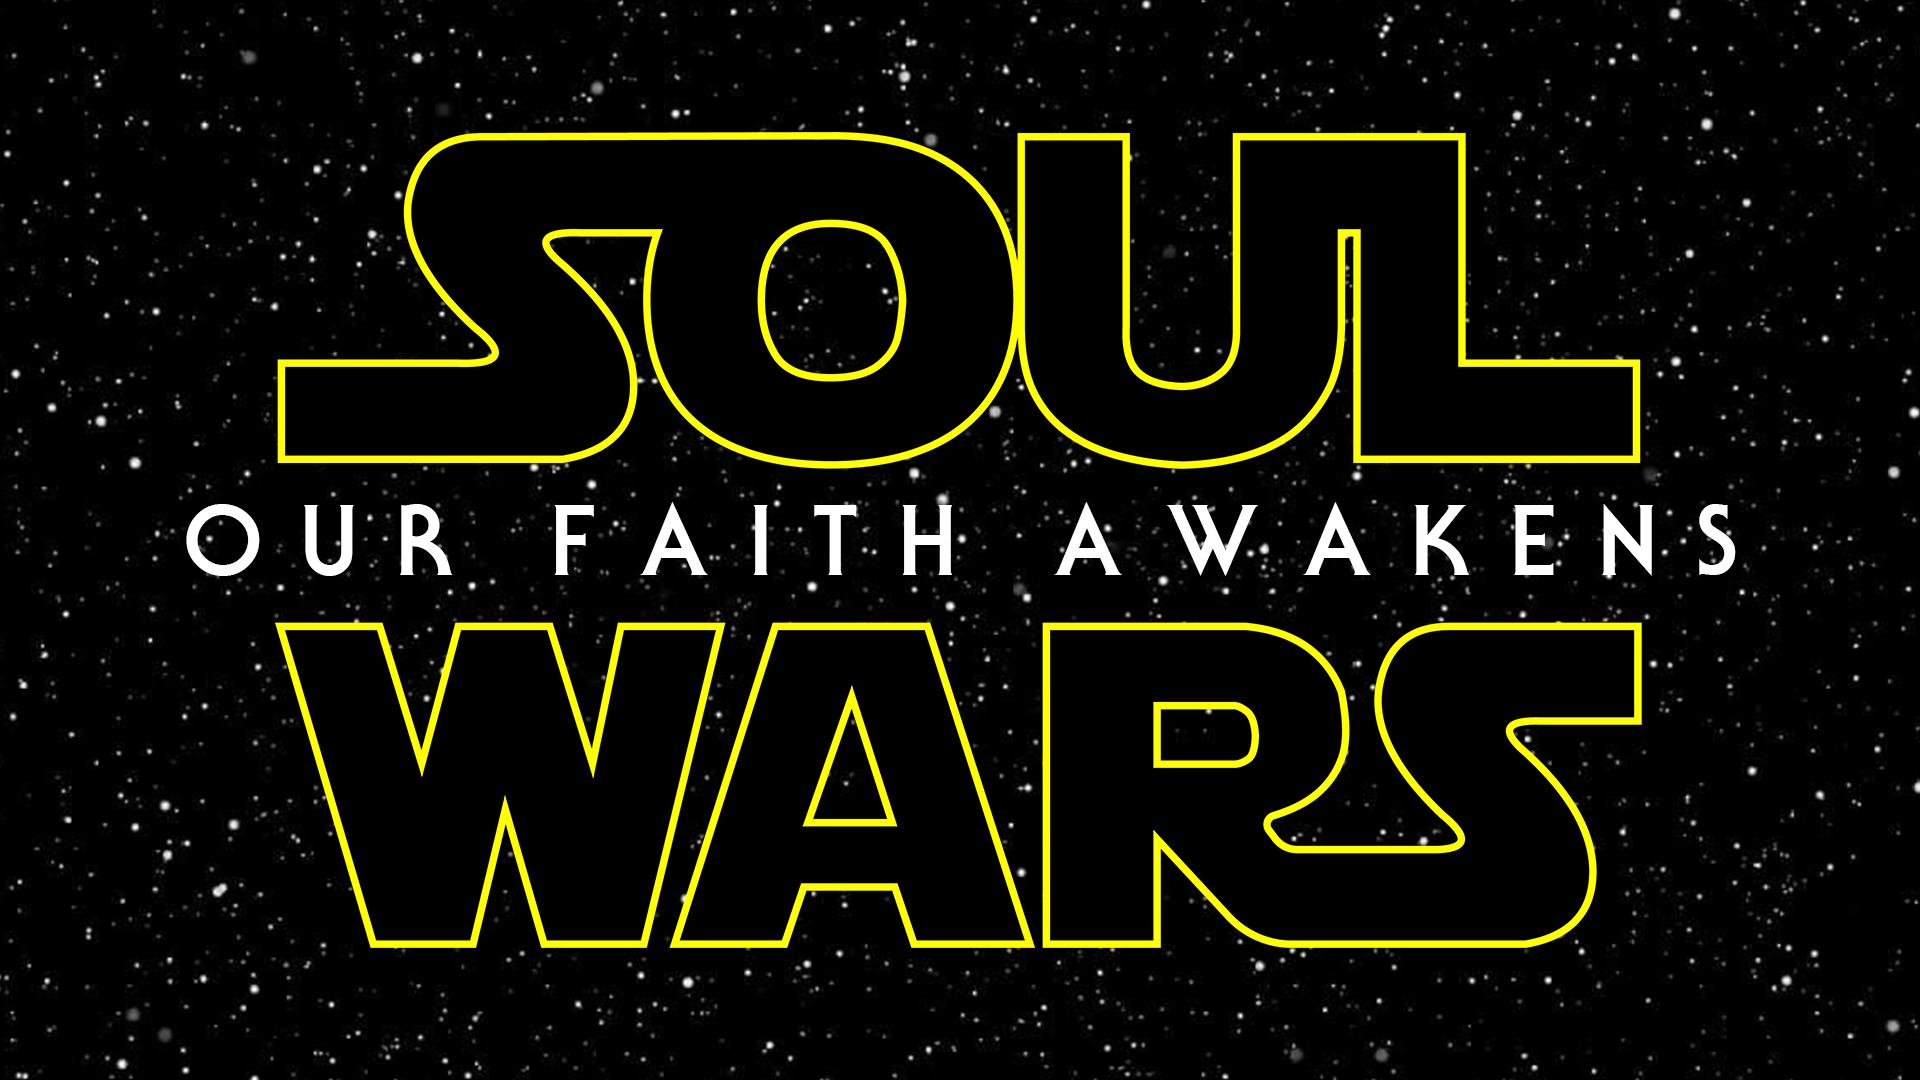 Soul wars wide copy